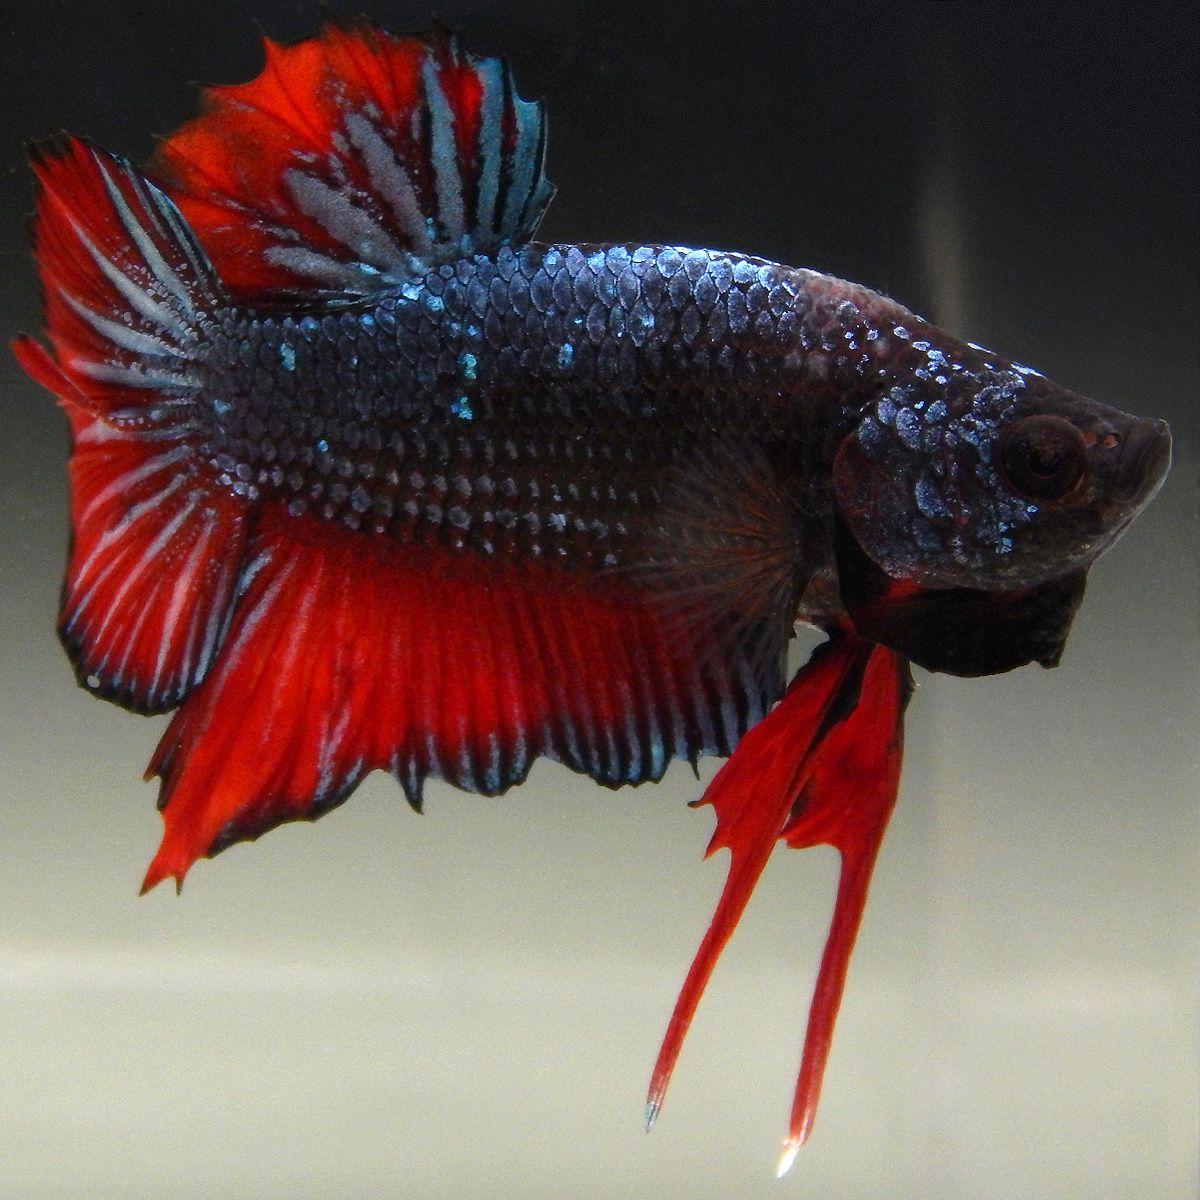 Live Betta Fish (Male) RED DRAGON GLITTER PLAKAT | Betta, Betta fish ...